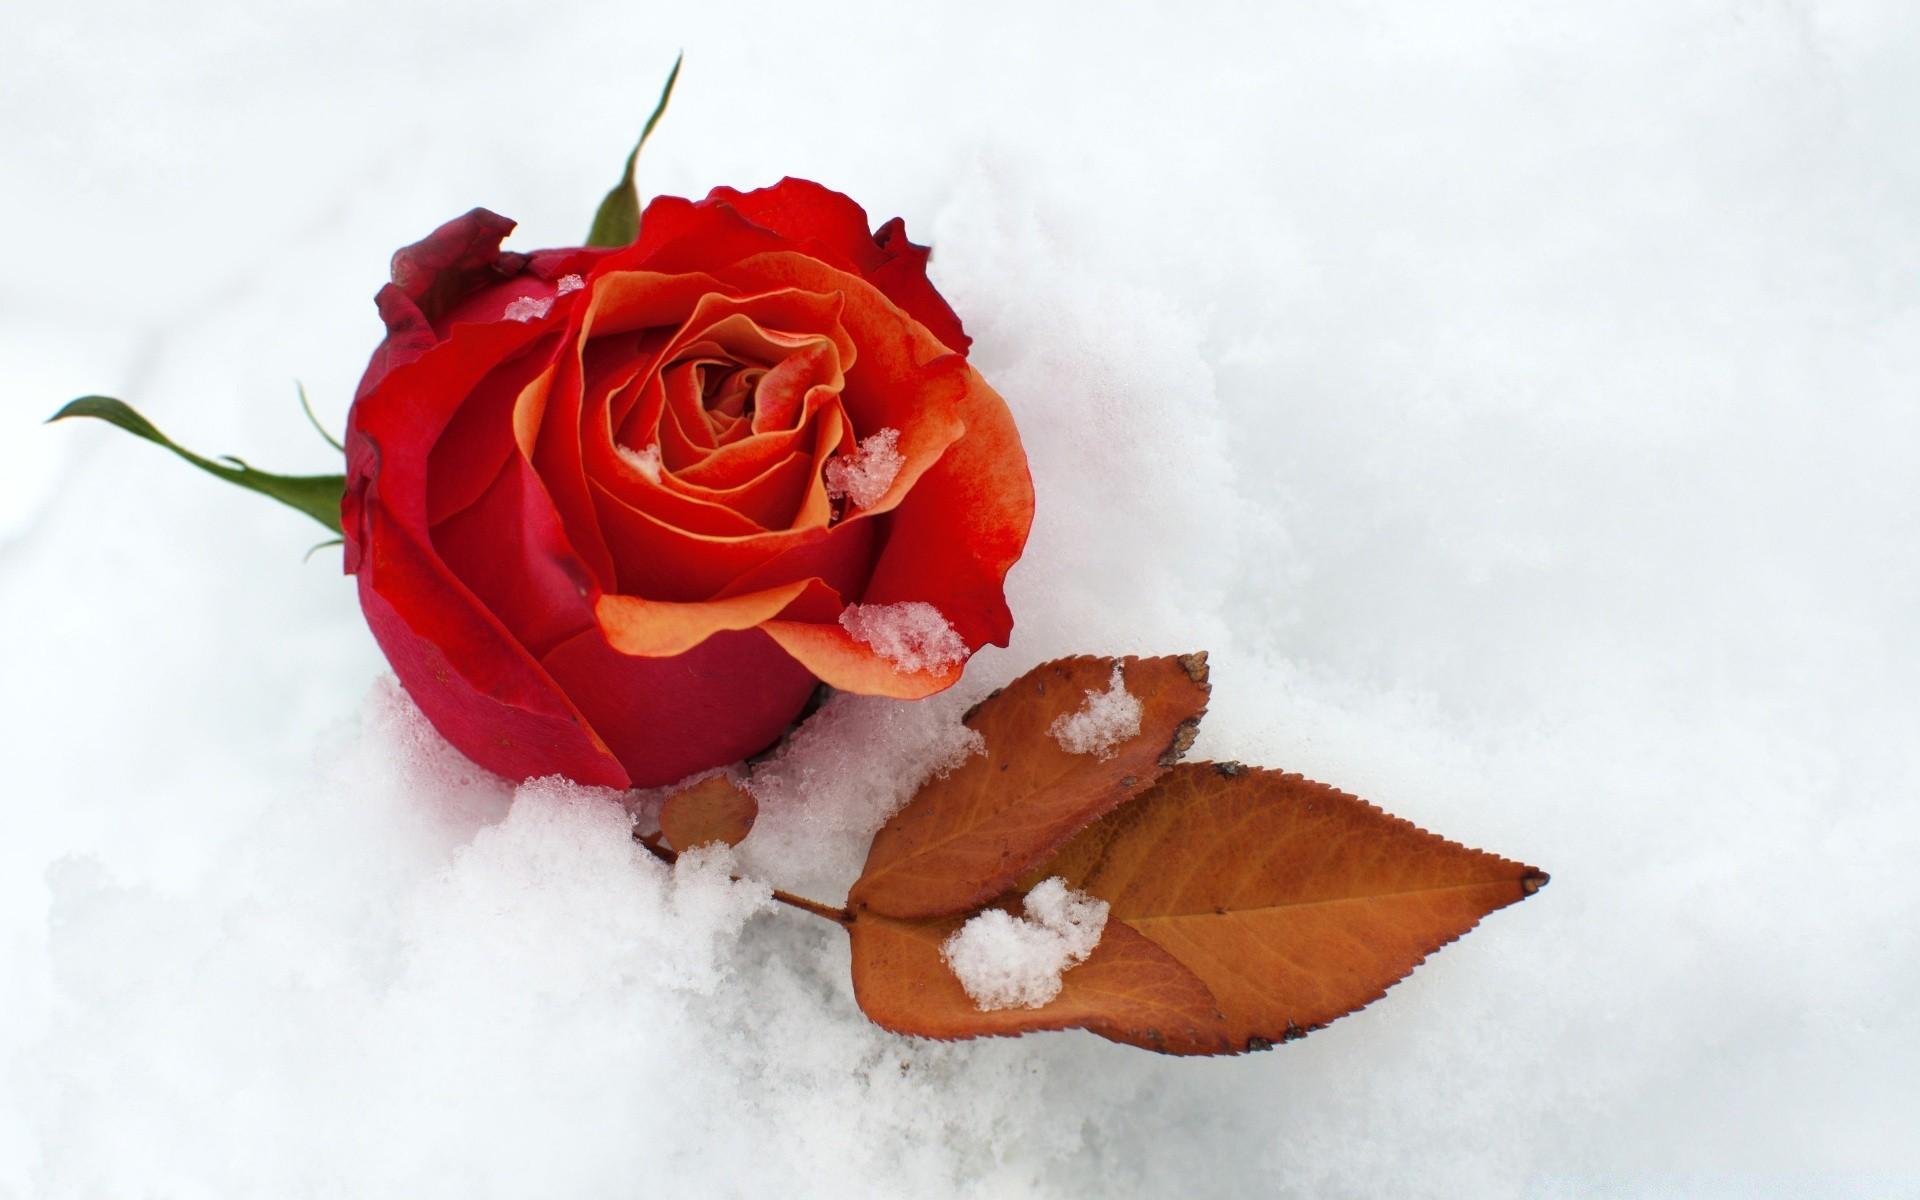 Картинки красные цветы на снегу, признании